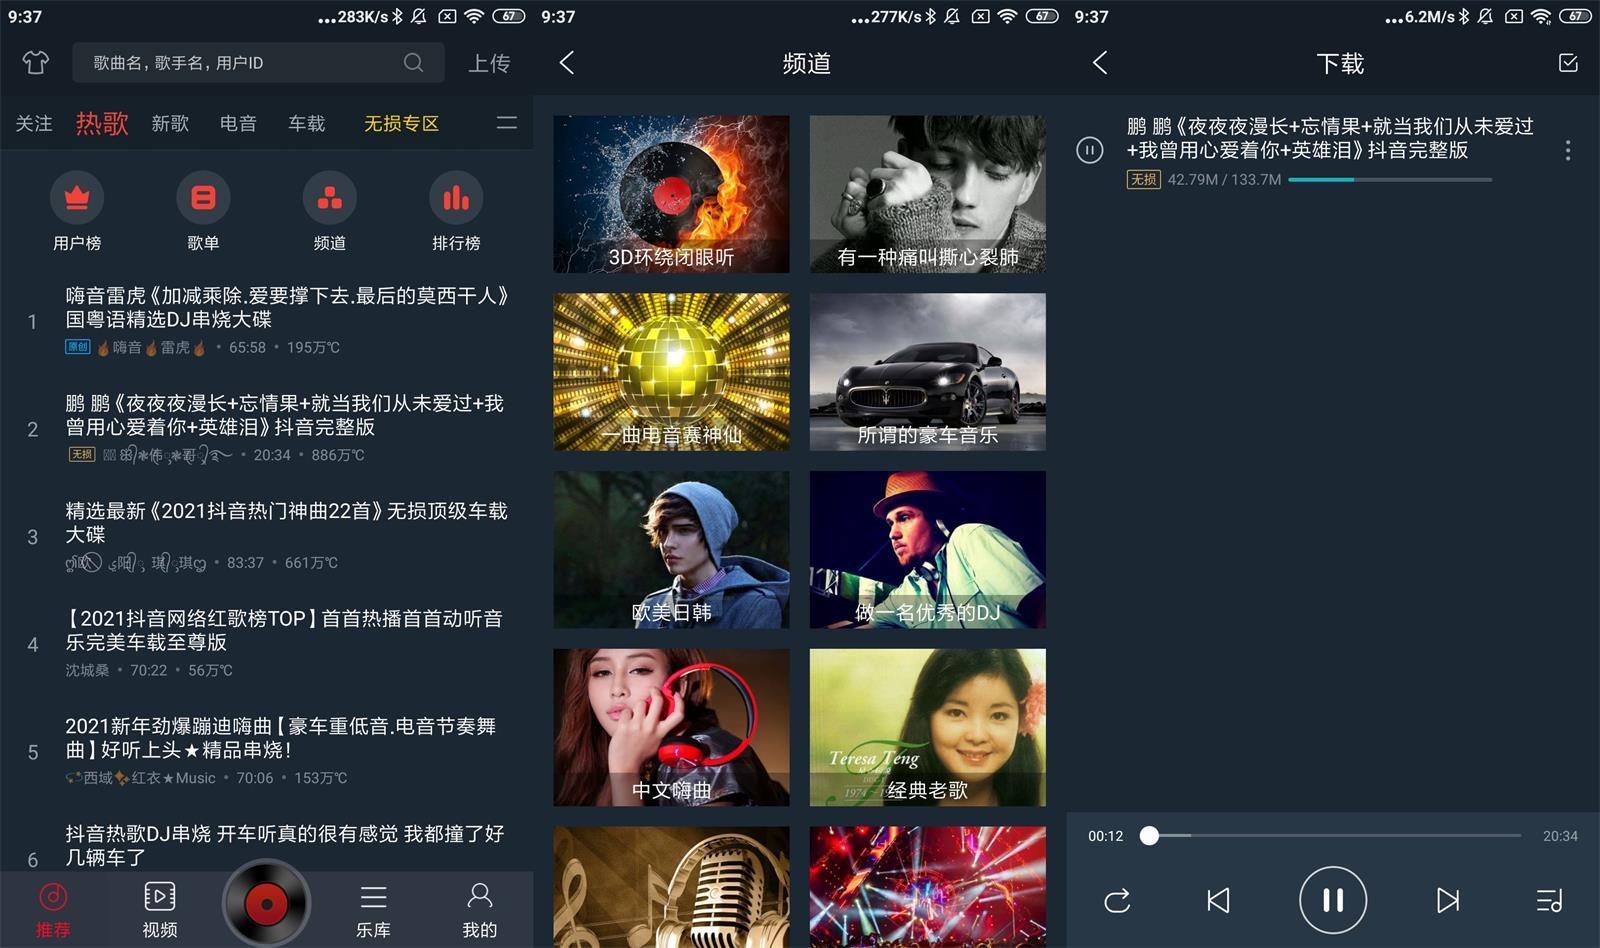 安卓DJ多多v4.7.2绿化版